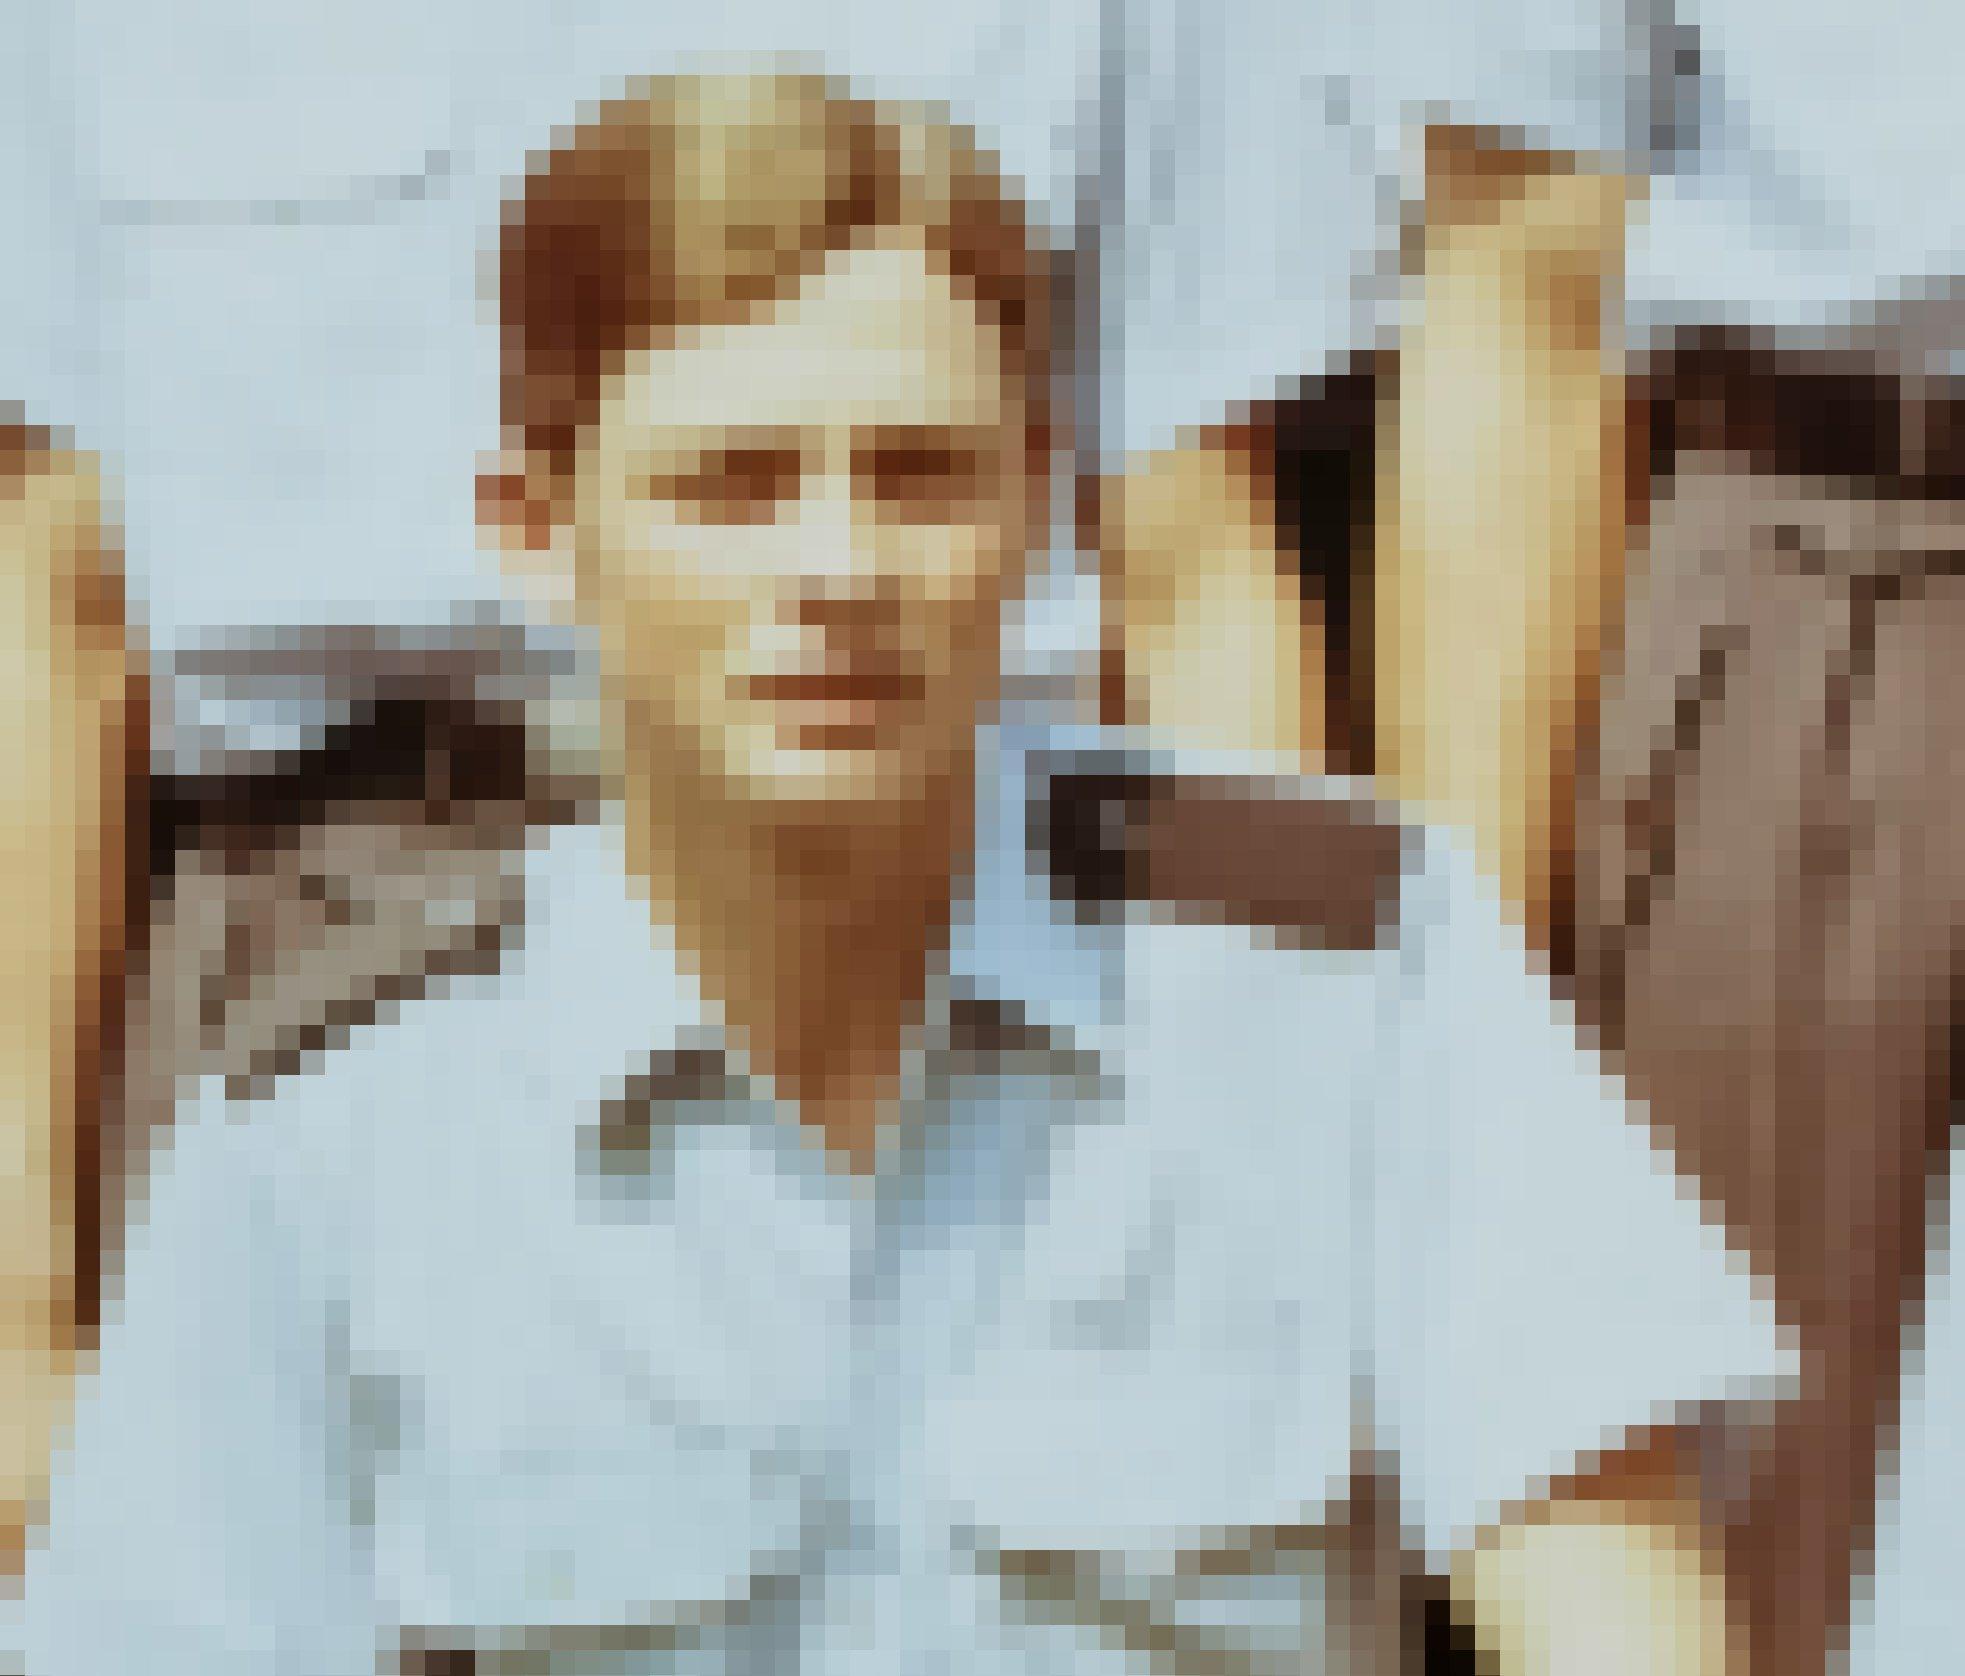 Ein glattrasierter junger Mann mit gescheiteltem Haar, hellblauem Uniformhemd mit Schulterklappen schaut in die Kamera.